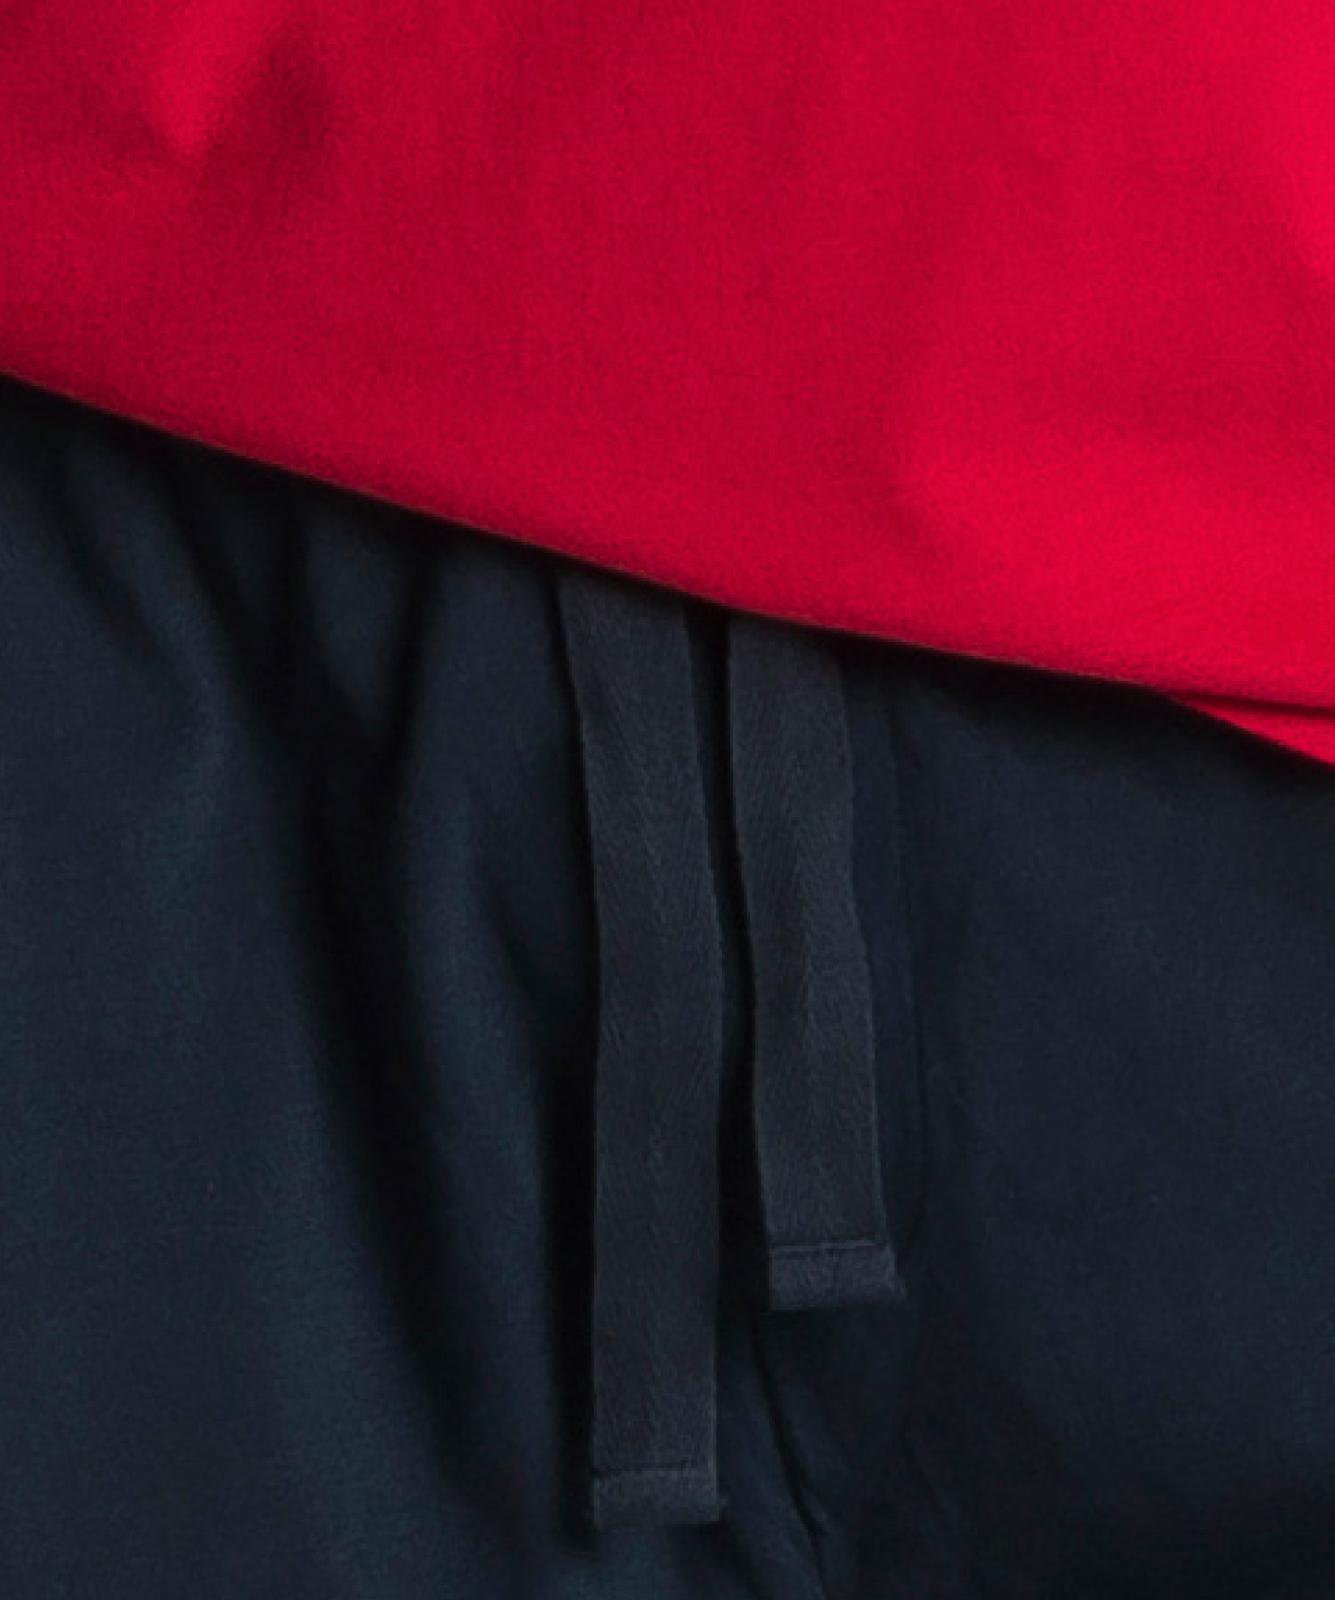 Мужская пижама Atlantic, 1 шт. в уп., хлопок, красная, NMP-346